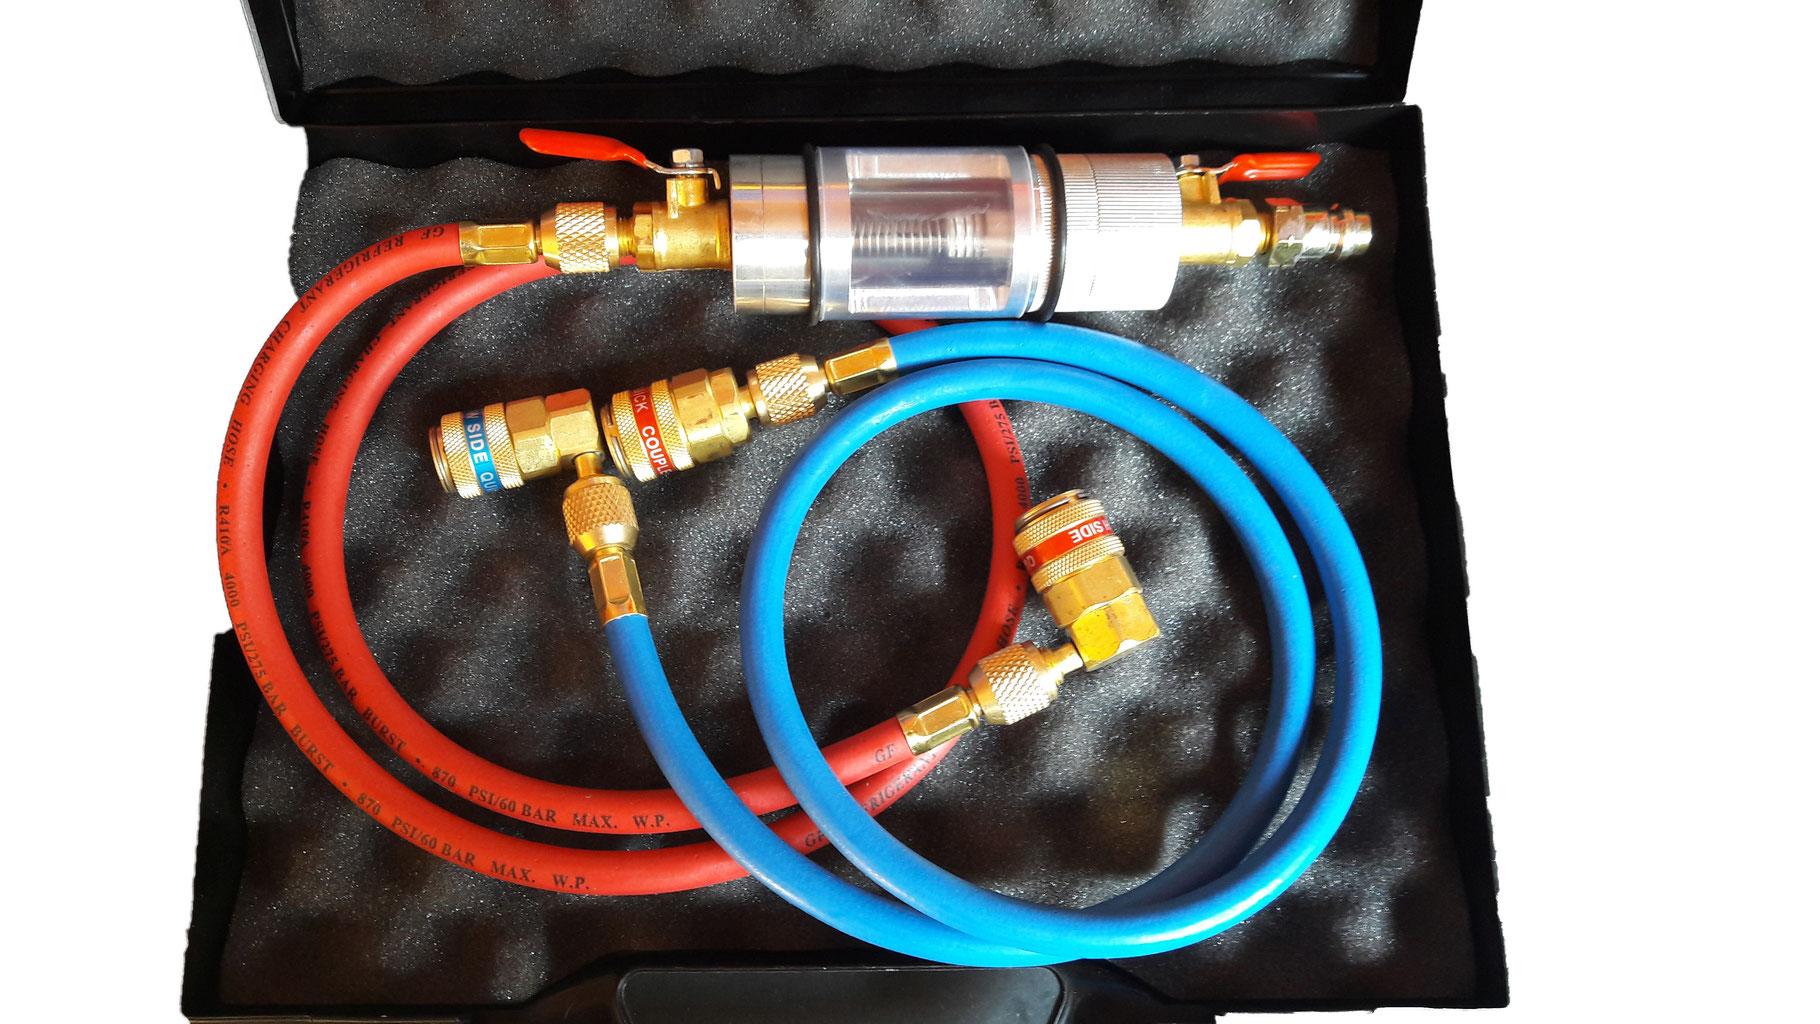 Lecksuchger/ät R134a R12 KlimaanlageK/ältemittel Klimaanlage A//C-System Lecksucher Kit 21 LED UV-Taschenlampe Schutzbrille UV-Farbstoff-Werkzeugset Kfz-Klimaanlage Reparaturwerkzeug